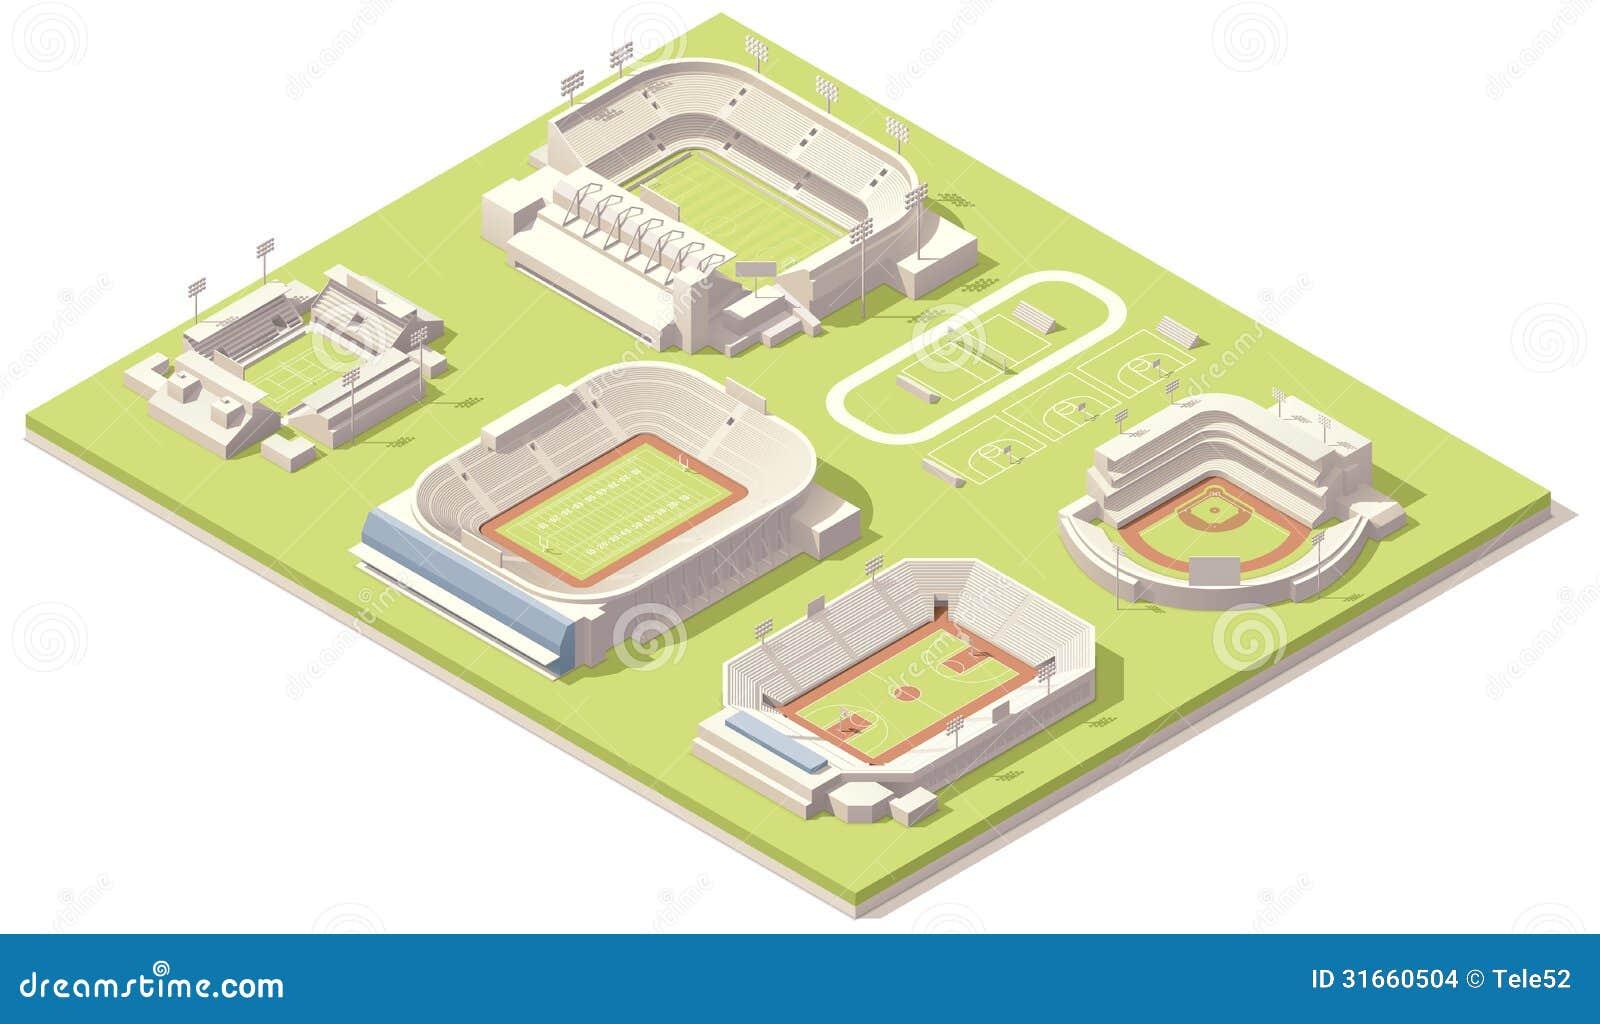 Isometrische geplaatste stadiongebouwen